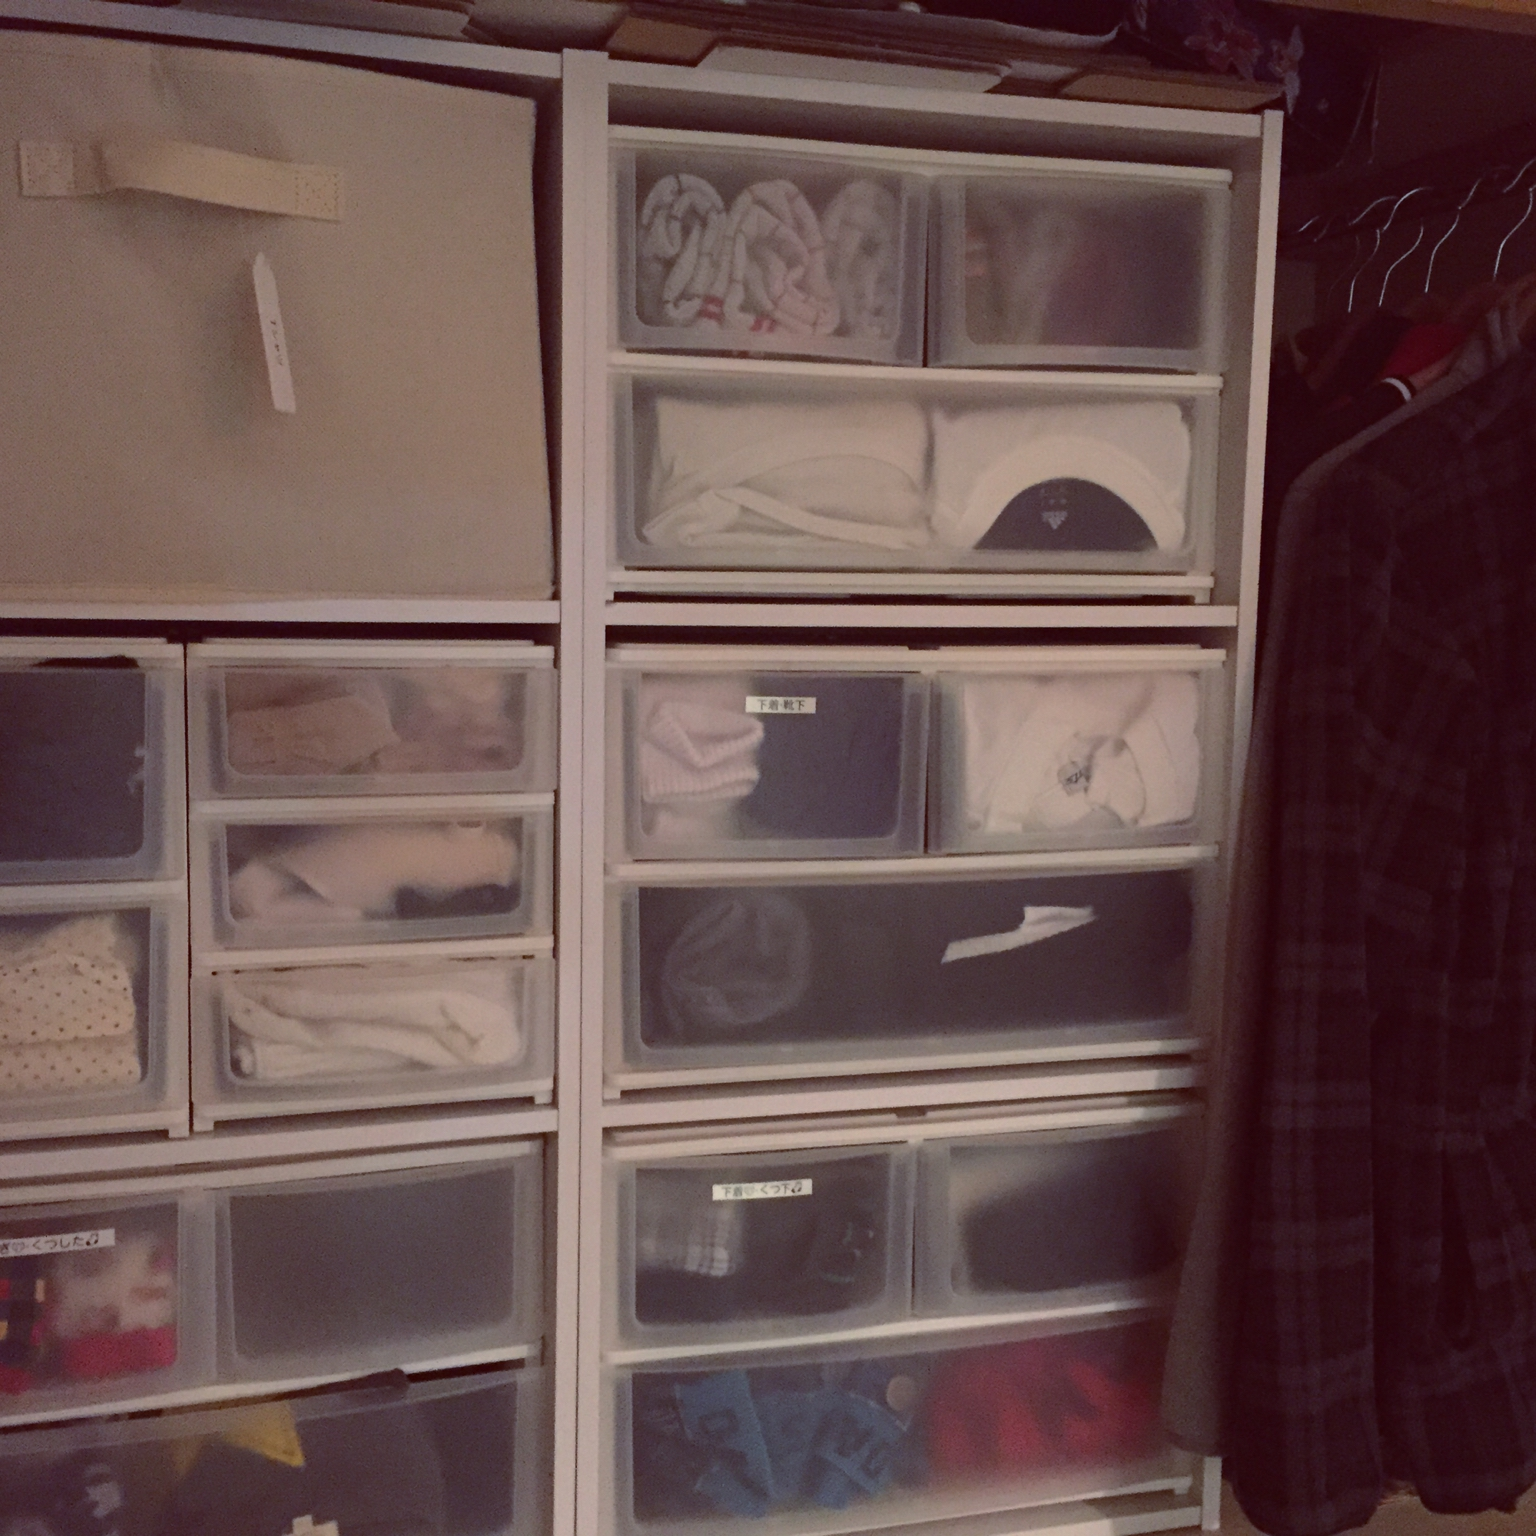 衣替えと共に収納を見直そう!参考にしたい衣類収納術 | RoomClip mag | 暮らしとインテリアのwebマガジン